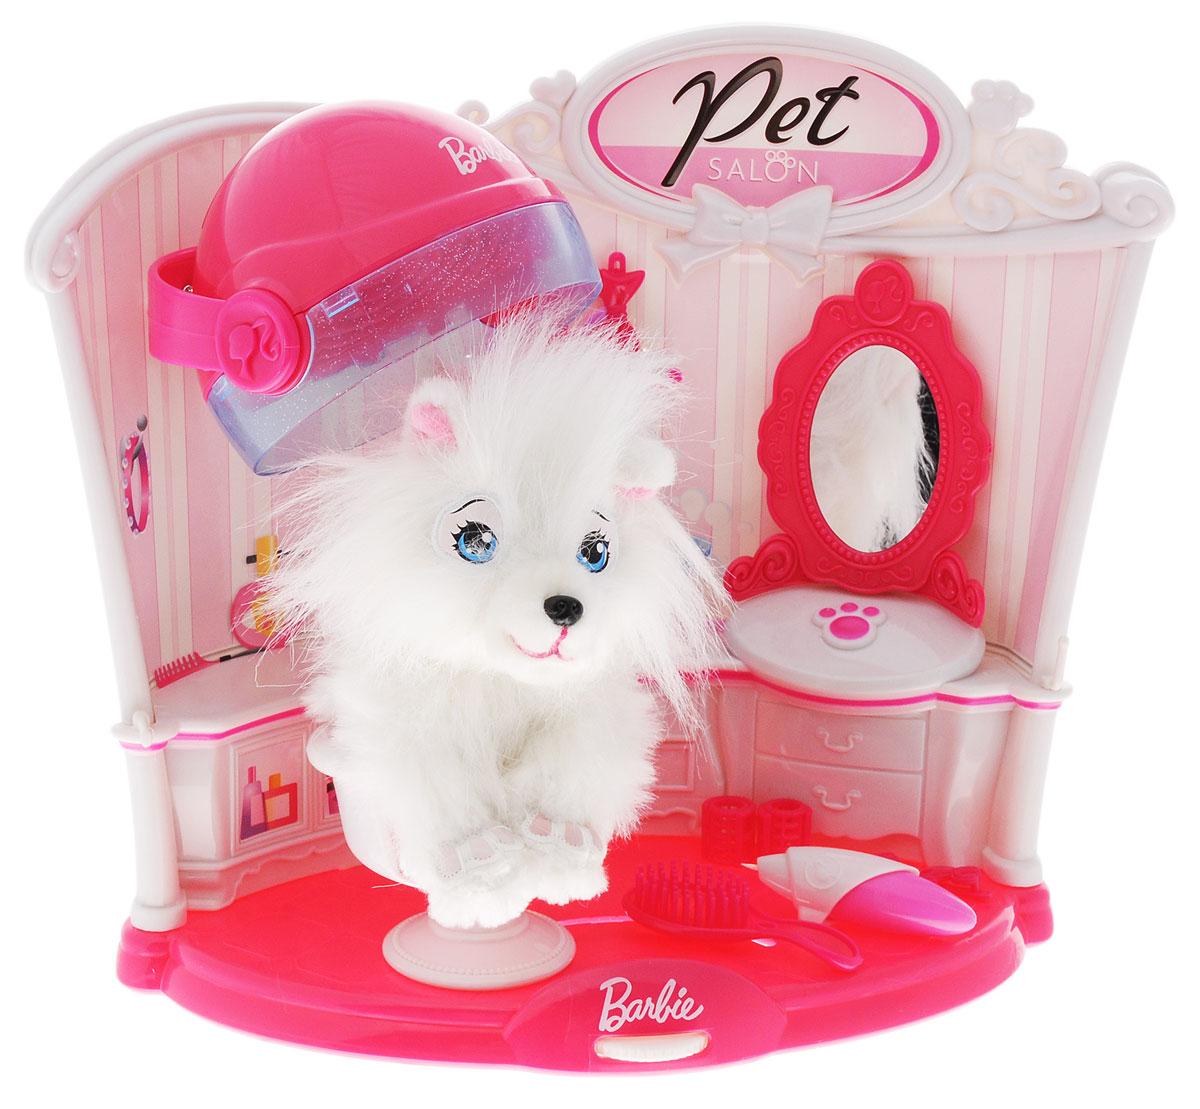 Barbie Игровой набор Салон для питомца купить ken barbie